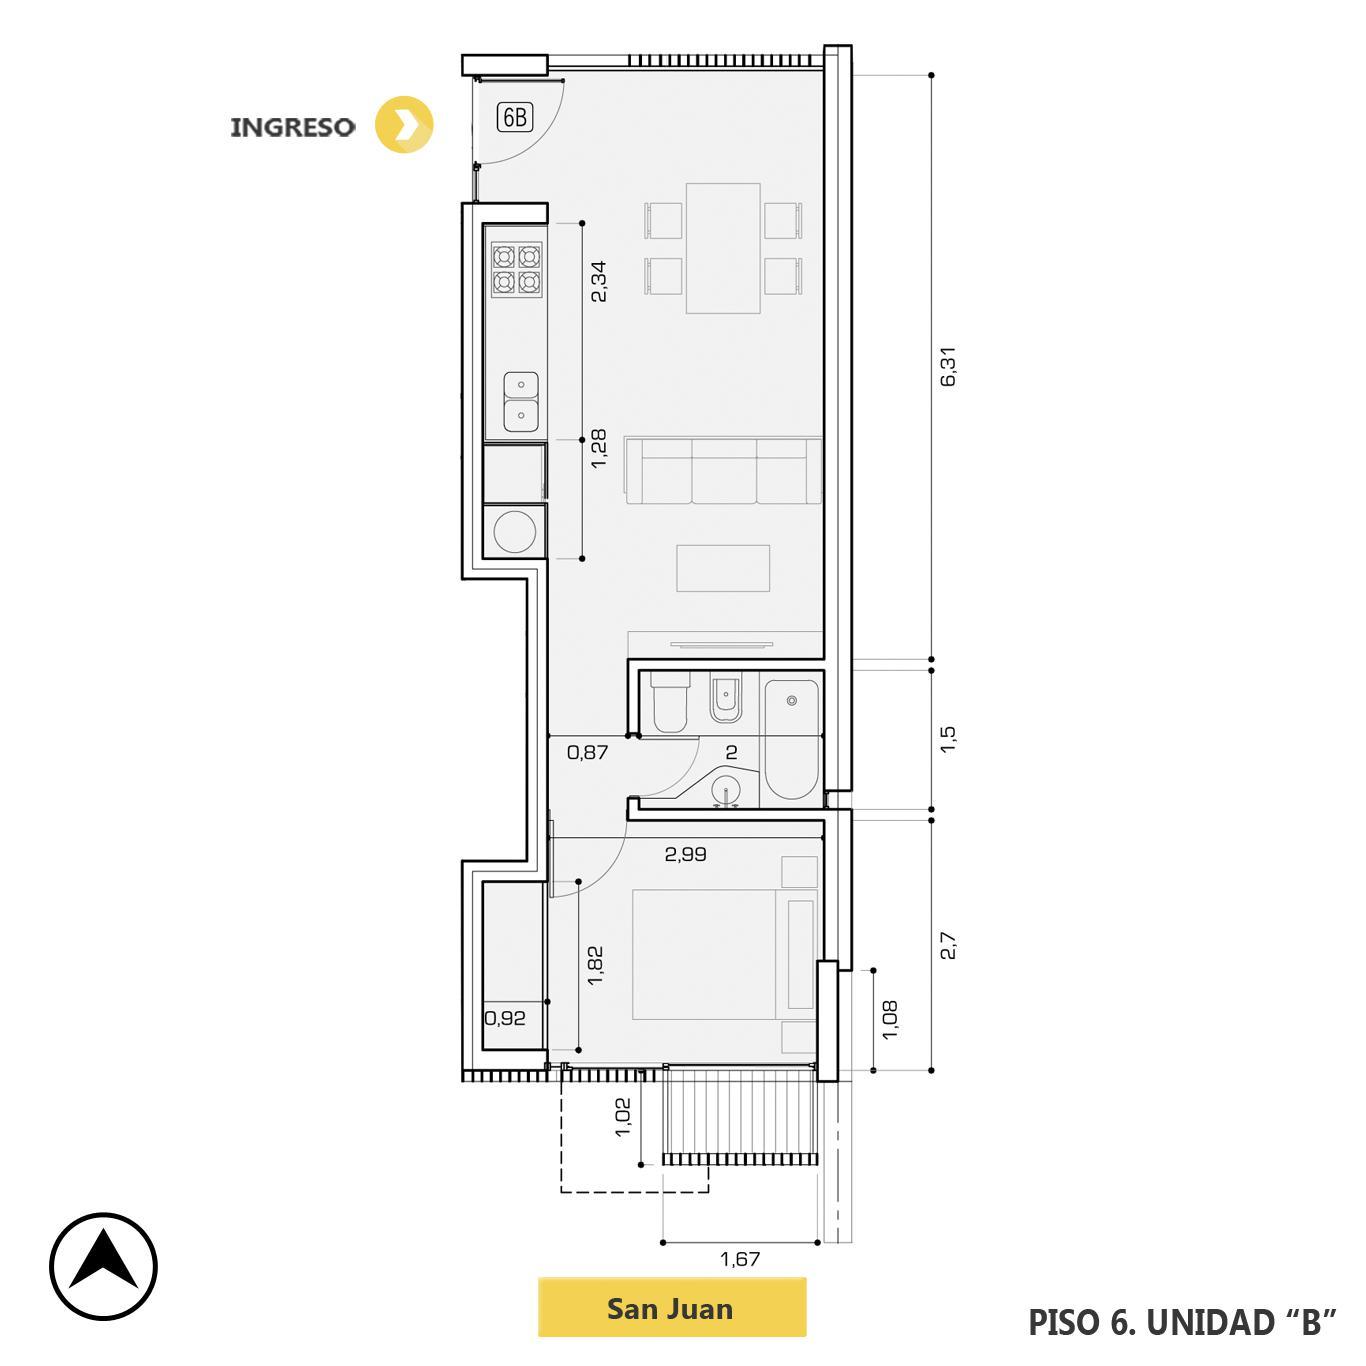 Venta departamento 1 dormitorio Rosario, Centro. Cod CBU23237 AP2198882. Crestale Propiedades